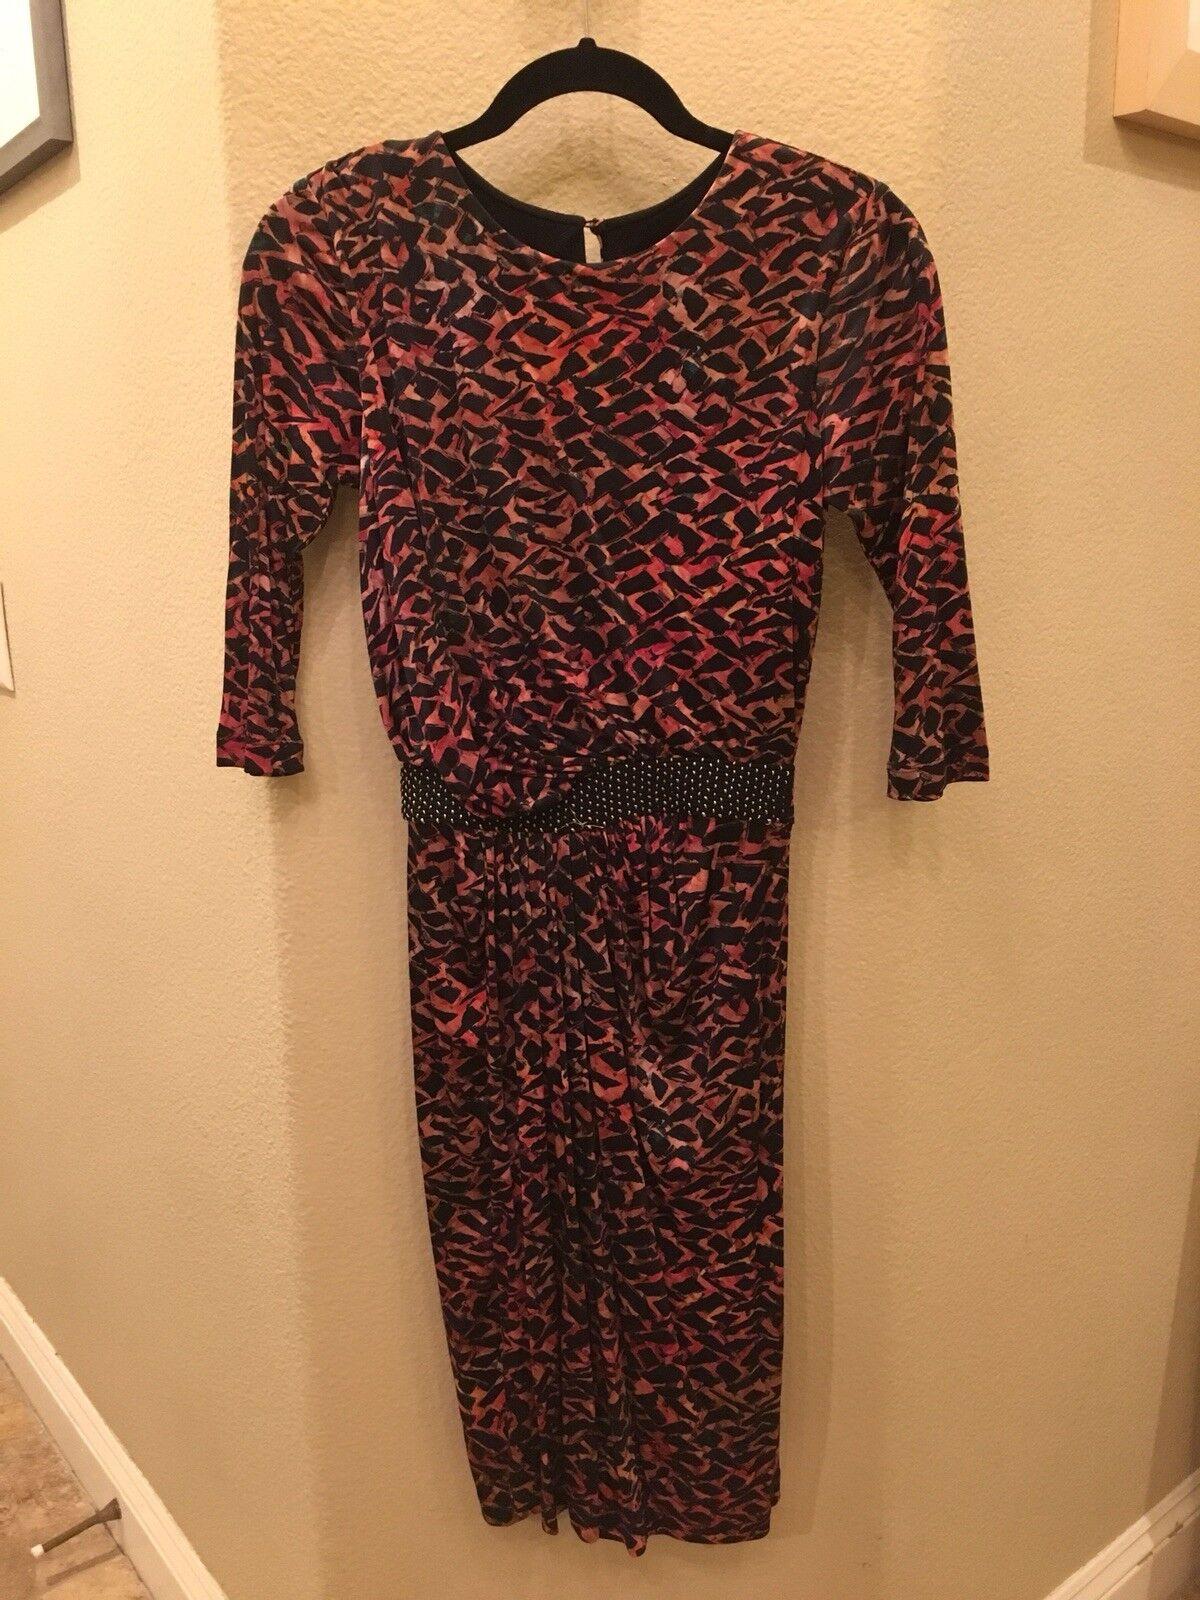 NWT SALONI Dress Size 2 Karla Dress Salmon Leopard Print 100% Silk